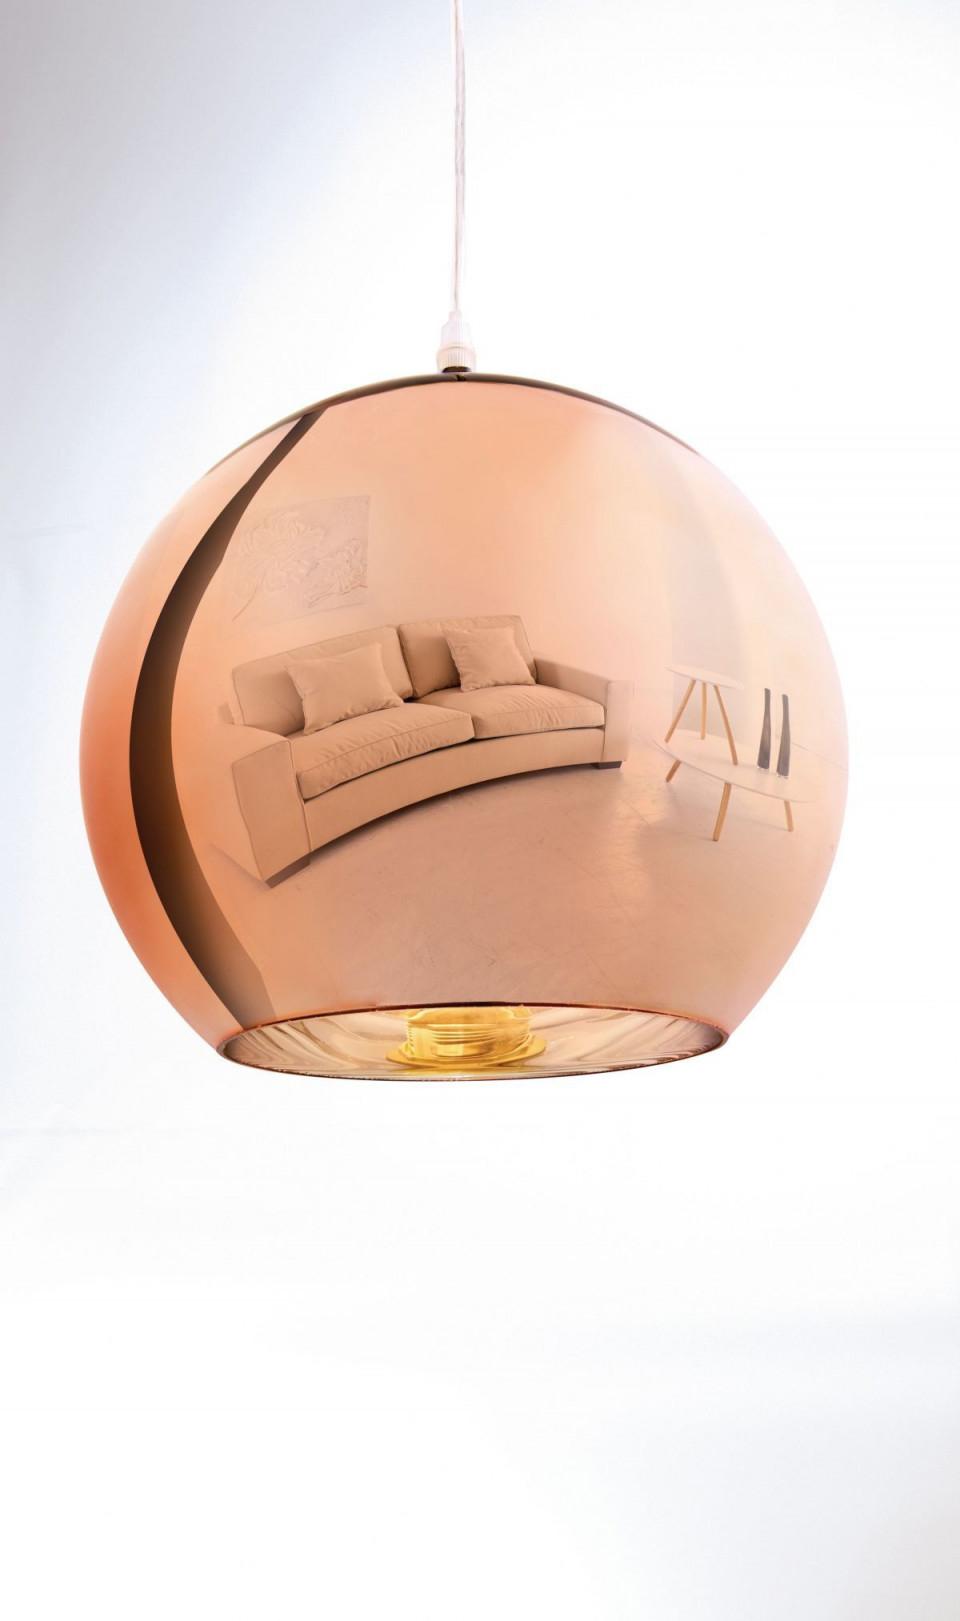 Deckenleuchte Kupfer Metall Und Glas Jetzt Bestellen Unter von Kupfer Lampe Wohnzimmer Photo